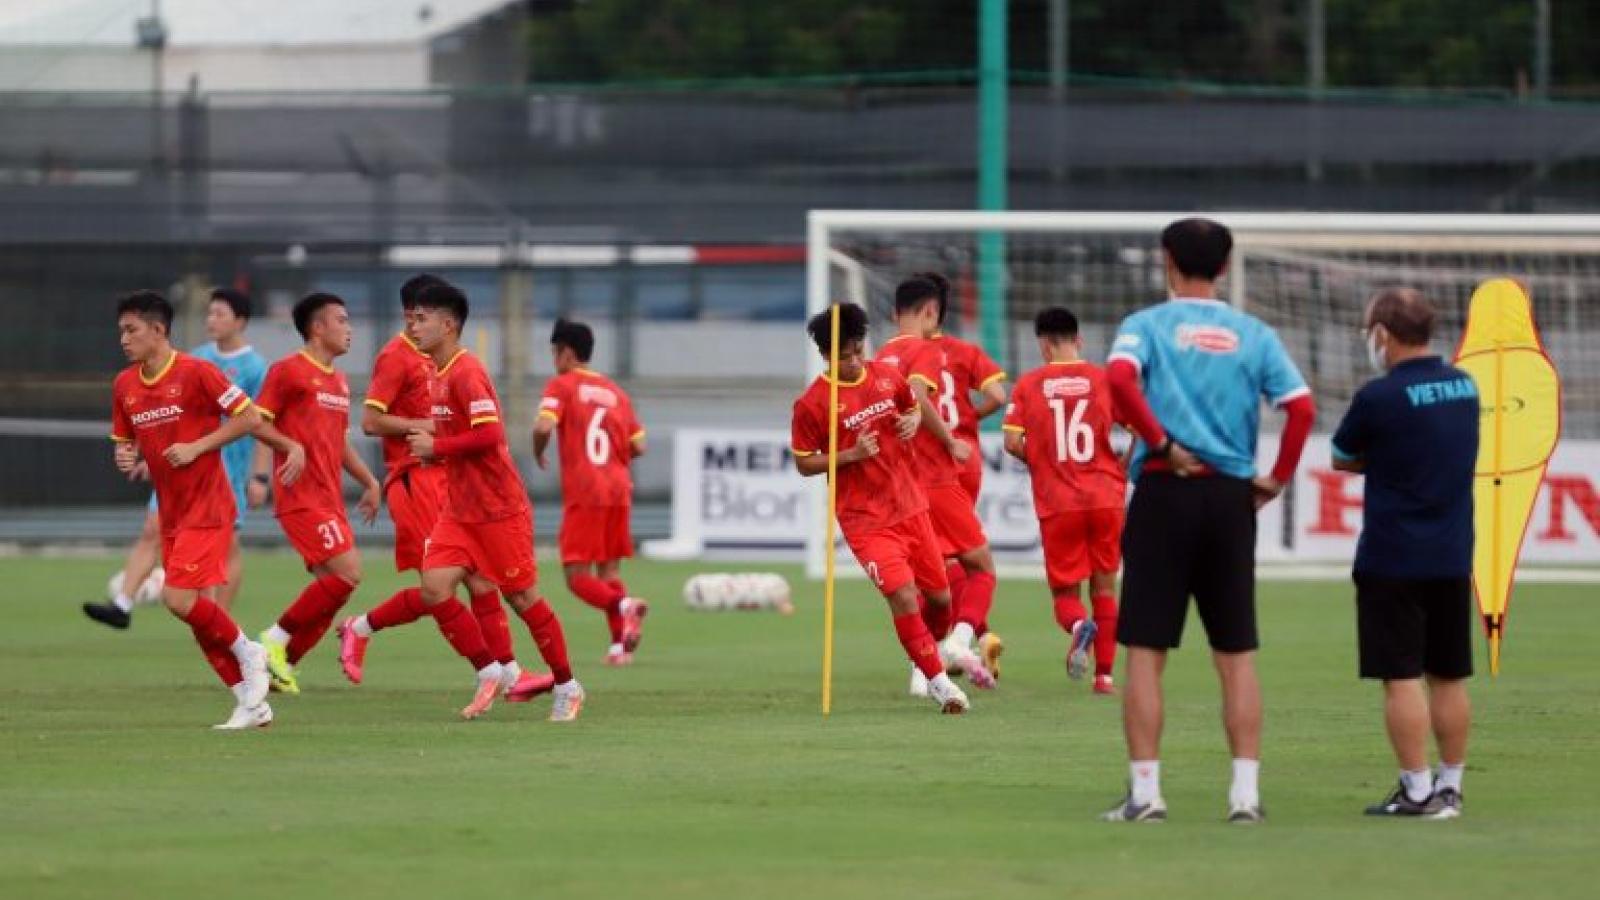 U23 Việt Nam có thể tập huấn ở Hàn Quốc trước vòng loại U23 châu Á 2022